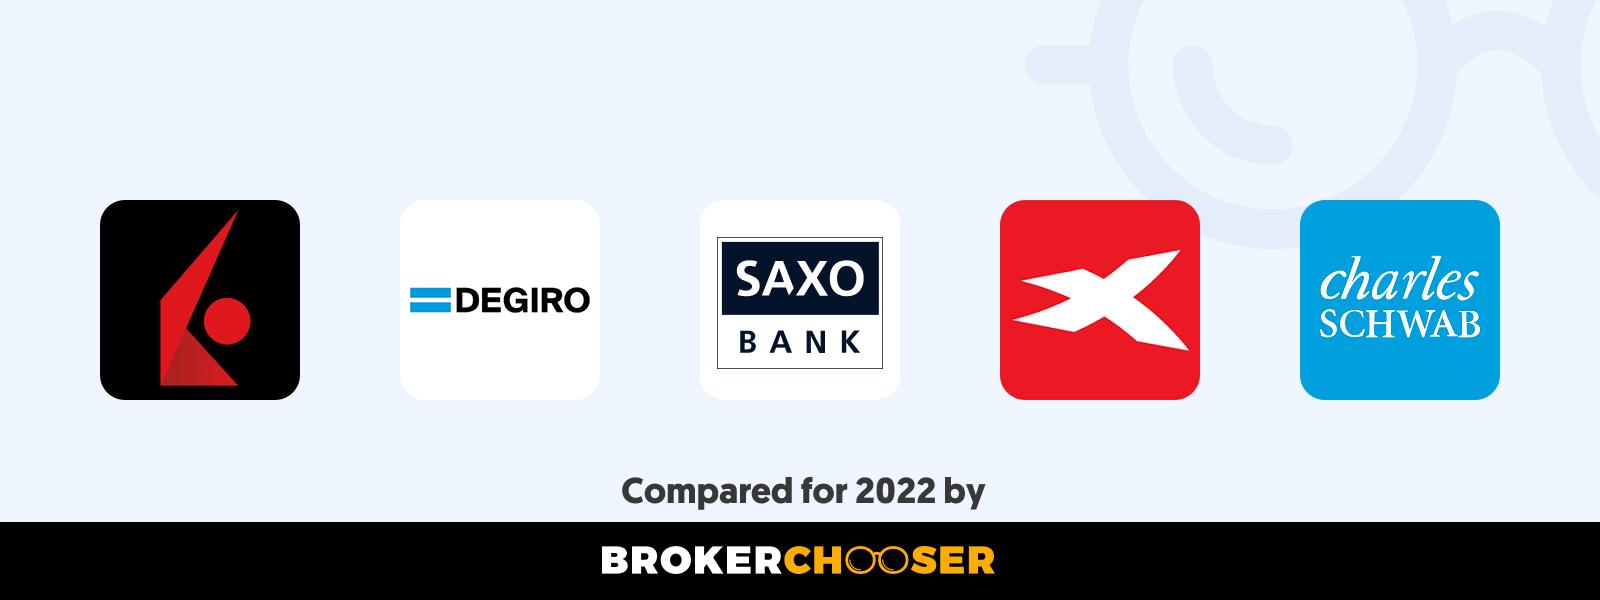 Best online brokers for 2020